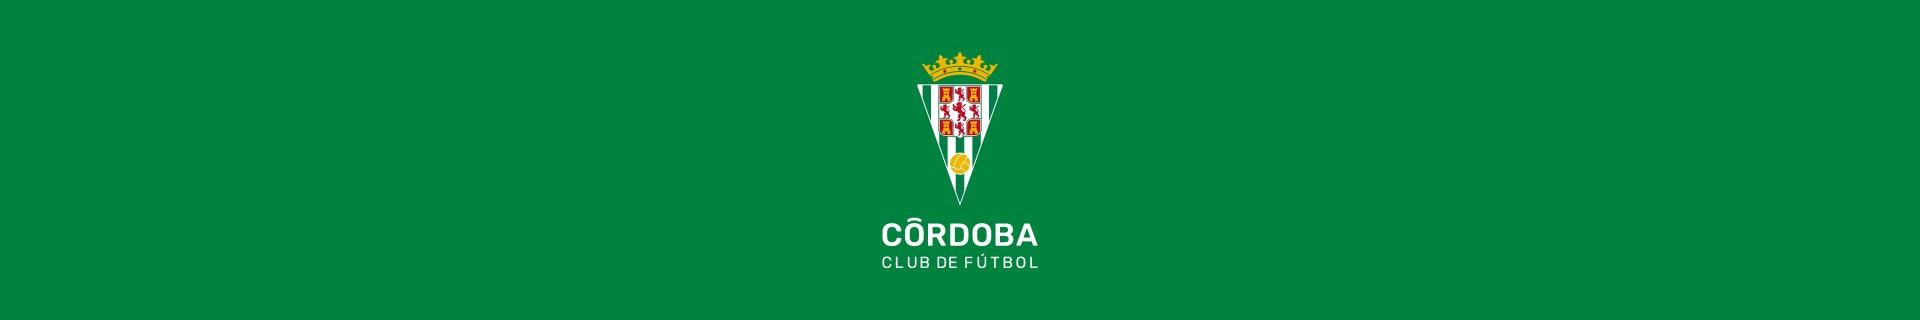 Calcetines Oficiales del Córdoba CF